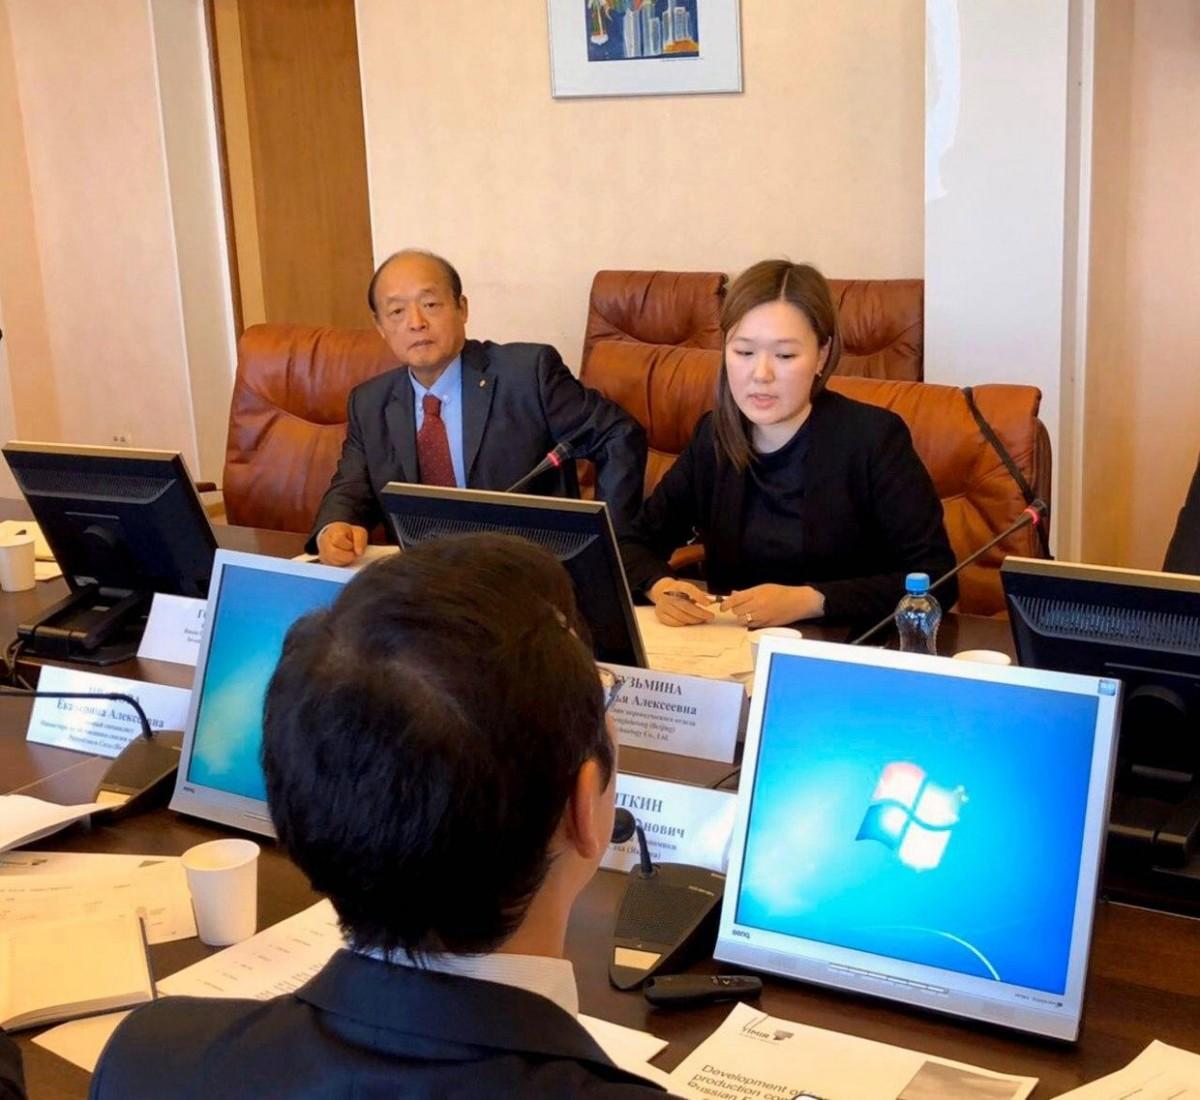 НАШИ В КИТАЕ. Якутянка Софья  Кузьмина о жизни и работе в крупной компании в Пекине